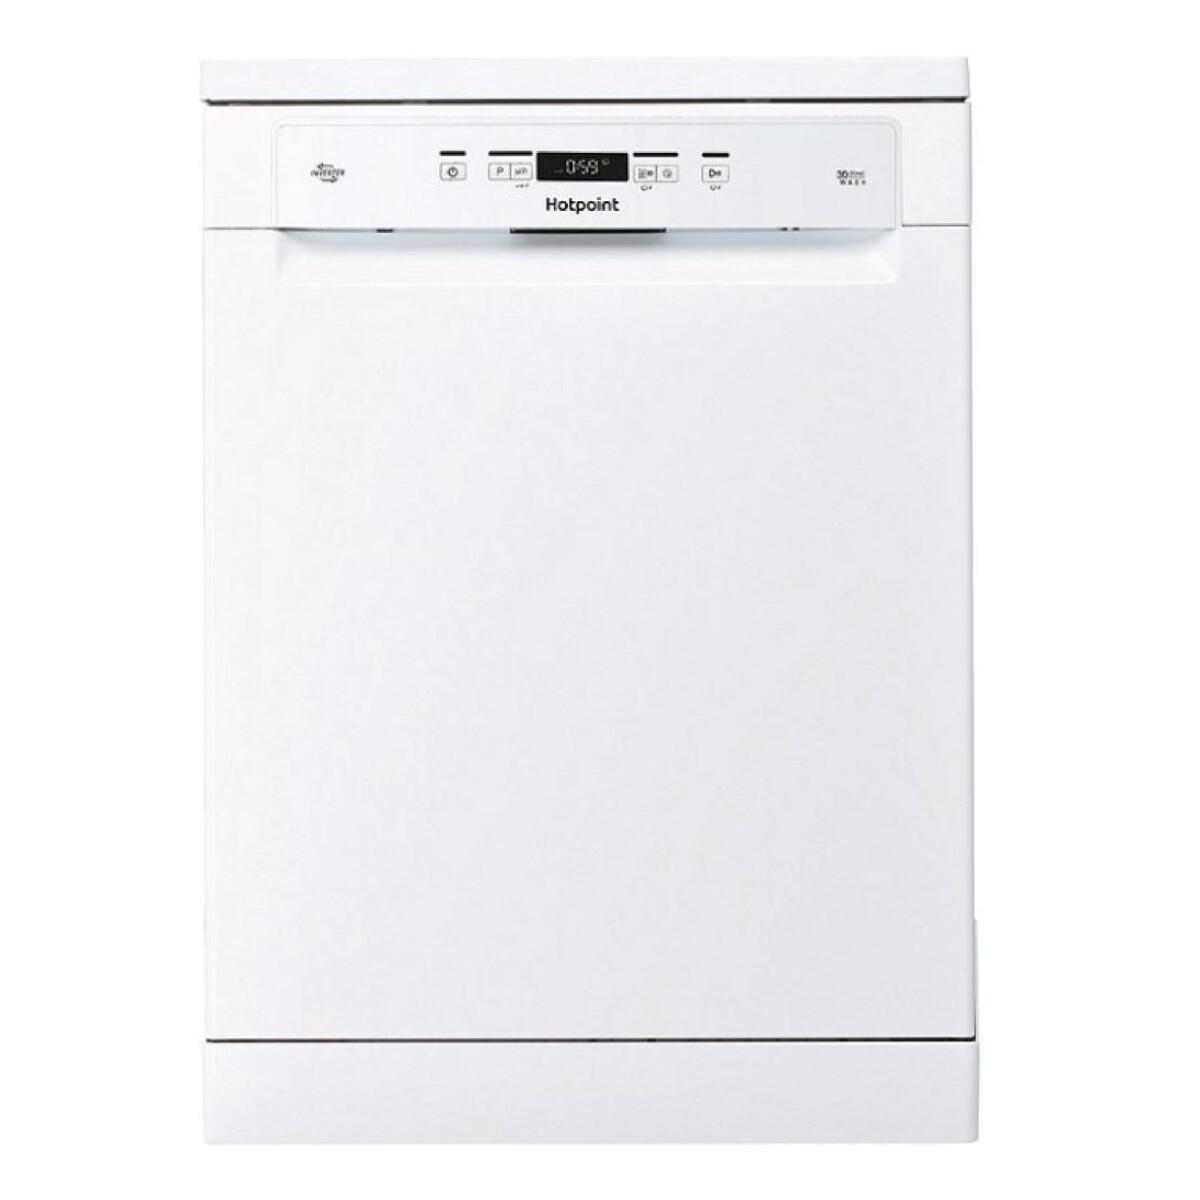 Hotpoint HFC3C26W 14 Place Setting Ecotech Dishwasher